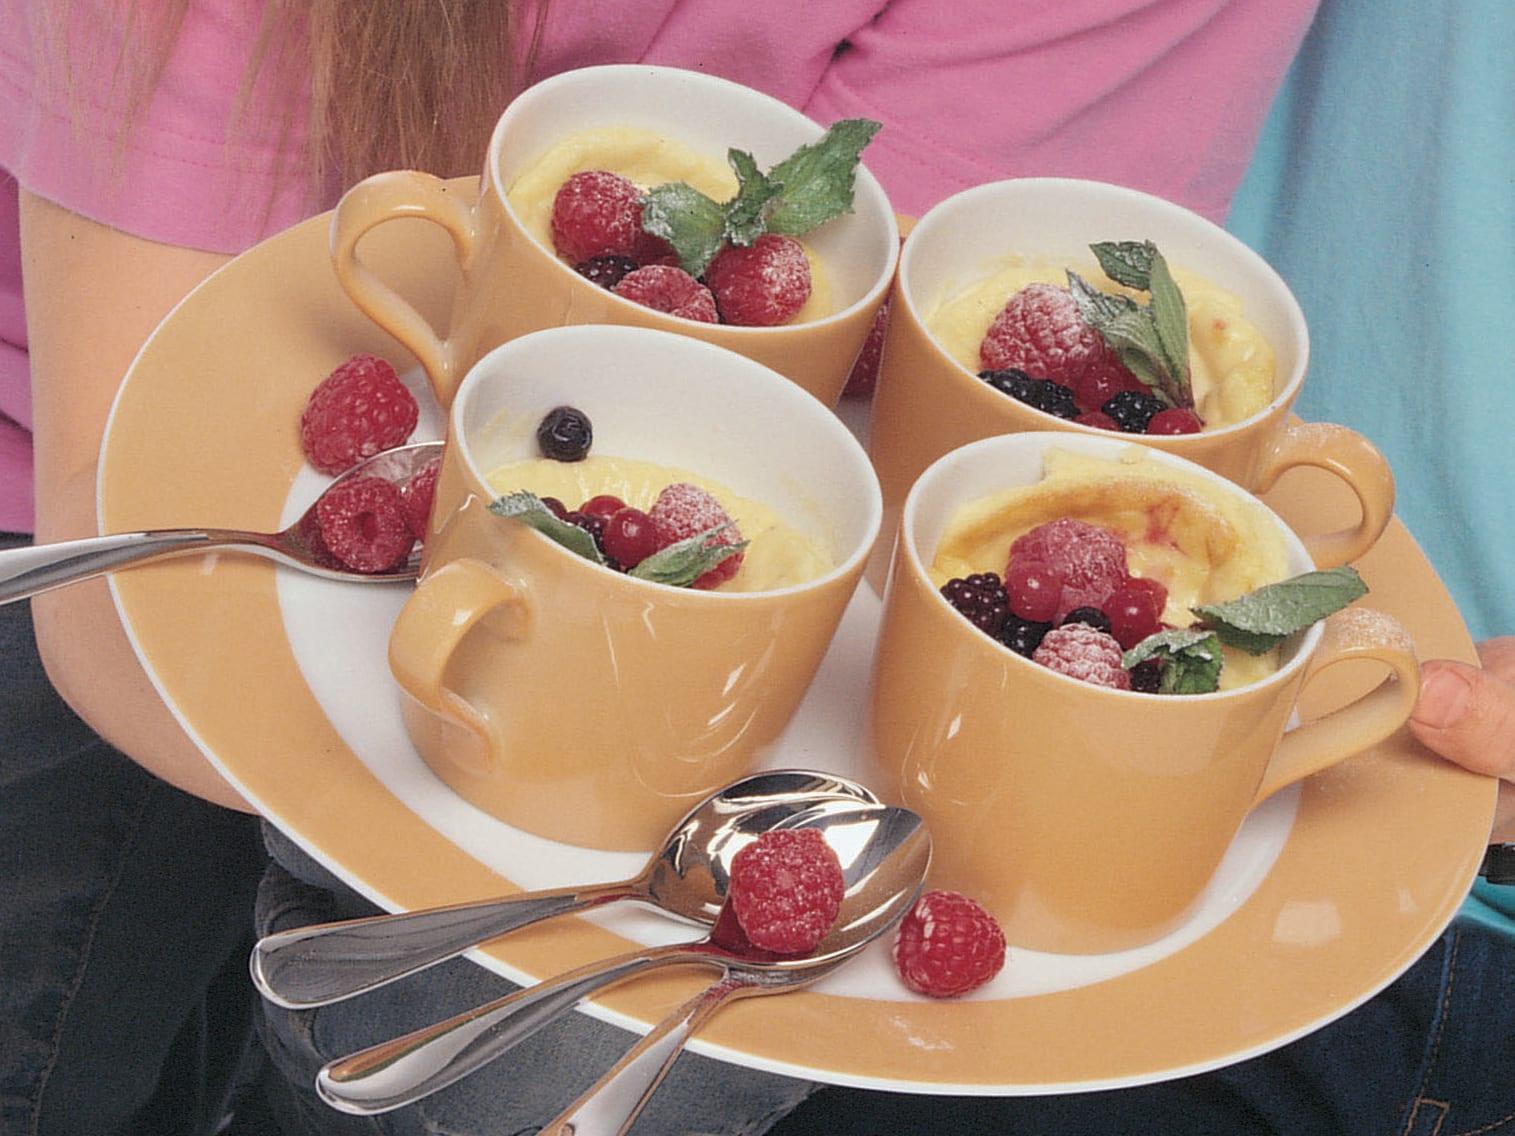 Mini-gâteaux aux fruits rouges, au séré et au mascarpone